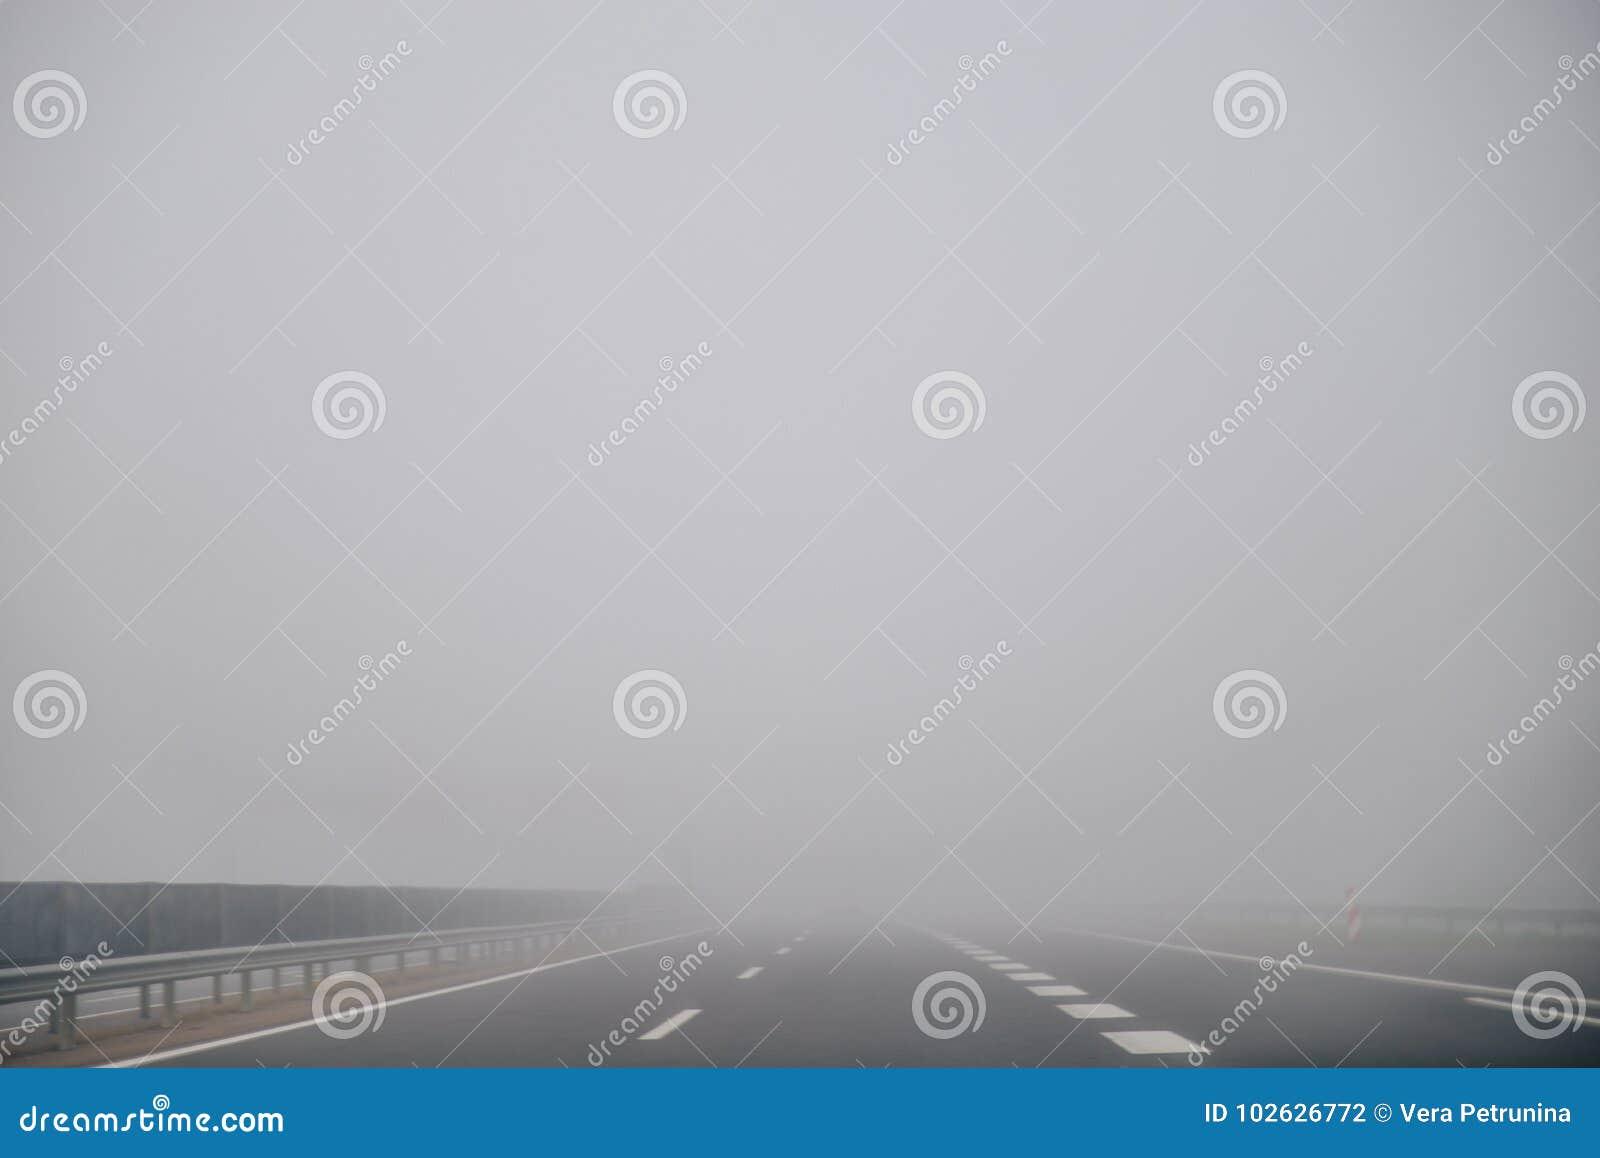 Шоссе в туманном времени